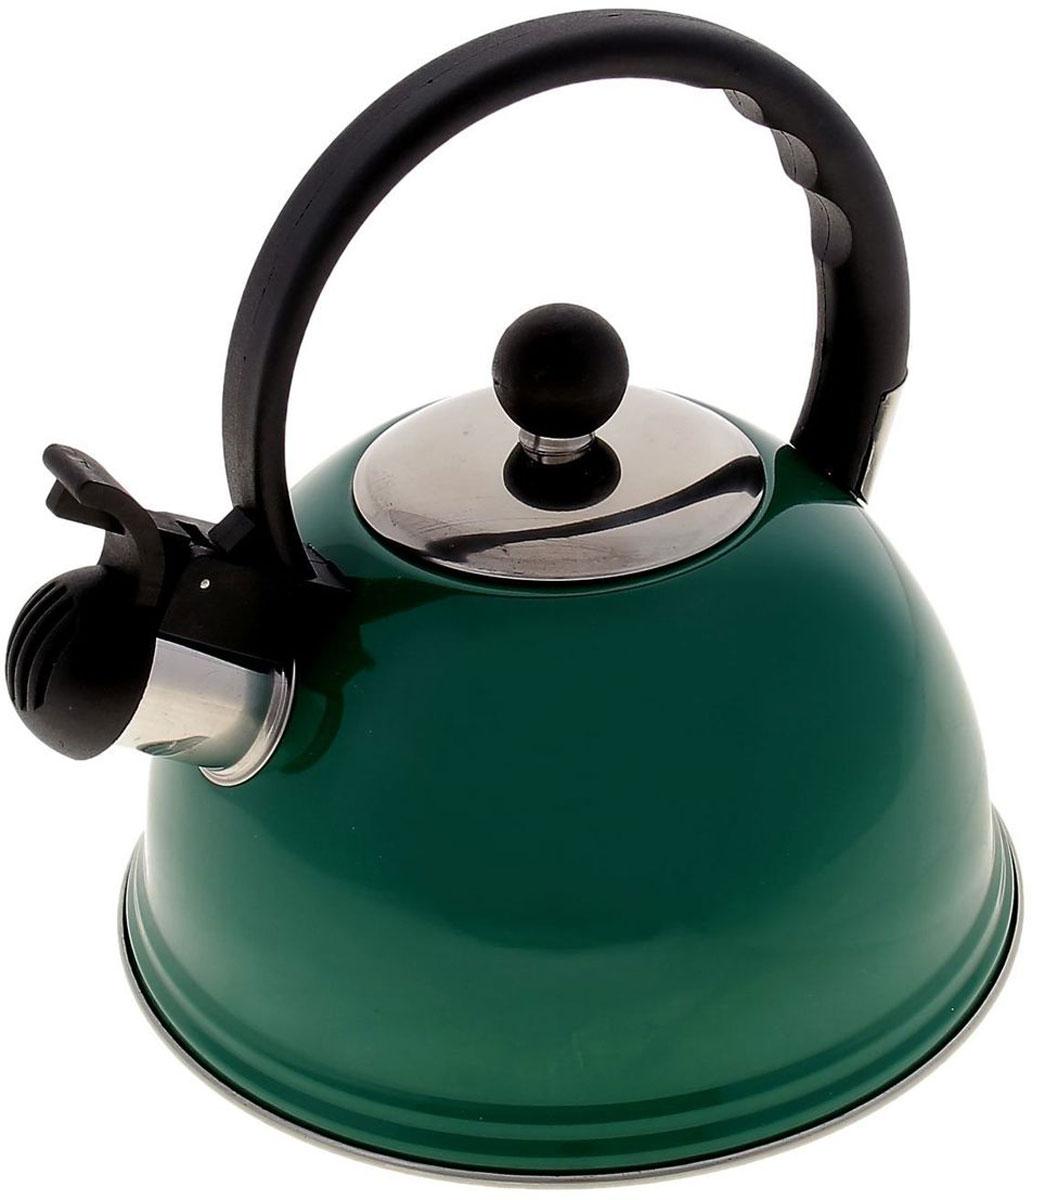 Чайник Доляна Элит, со свистком, цвет: зеленый, 2 л851950Бытовая посуда из нержавеющей стали славится неприхотливостью в уходе и безукоризненной функциональностью. Коррозиестойкий сплав обеспечивает гигиеничность изделий. Чайники из этого материала абсолютно безопасны для здоровья человека. Чем привлекательна посуда из нержавейки? Чайник 2 л со свистком Элит, цвет зеленый из нержавеющей стали станет удачной находкой для дома или ресторана: благодаря низкой теплопроводности модели вода дольше остается горячей; необычный дизайн радует глаз и поднимает настроение; качественное дно гарантирует быстрый нагрев. Как продлить срок службы? Ухаживать за новым приобретением элементарно просто, но стоит помнить о нескольких нехитрых правилах. Во-первых, не следует применять абразивные инструменты и сильнохлорированные моющие средства. Во-вторых, не оставляйте пустую посуду на плите. В-третьих, если вы уезжаете из дома на длительное время - выливайте воду из чайника. Если на внутренней поверхности изделия появились пятна, используйте для их удаления...